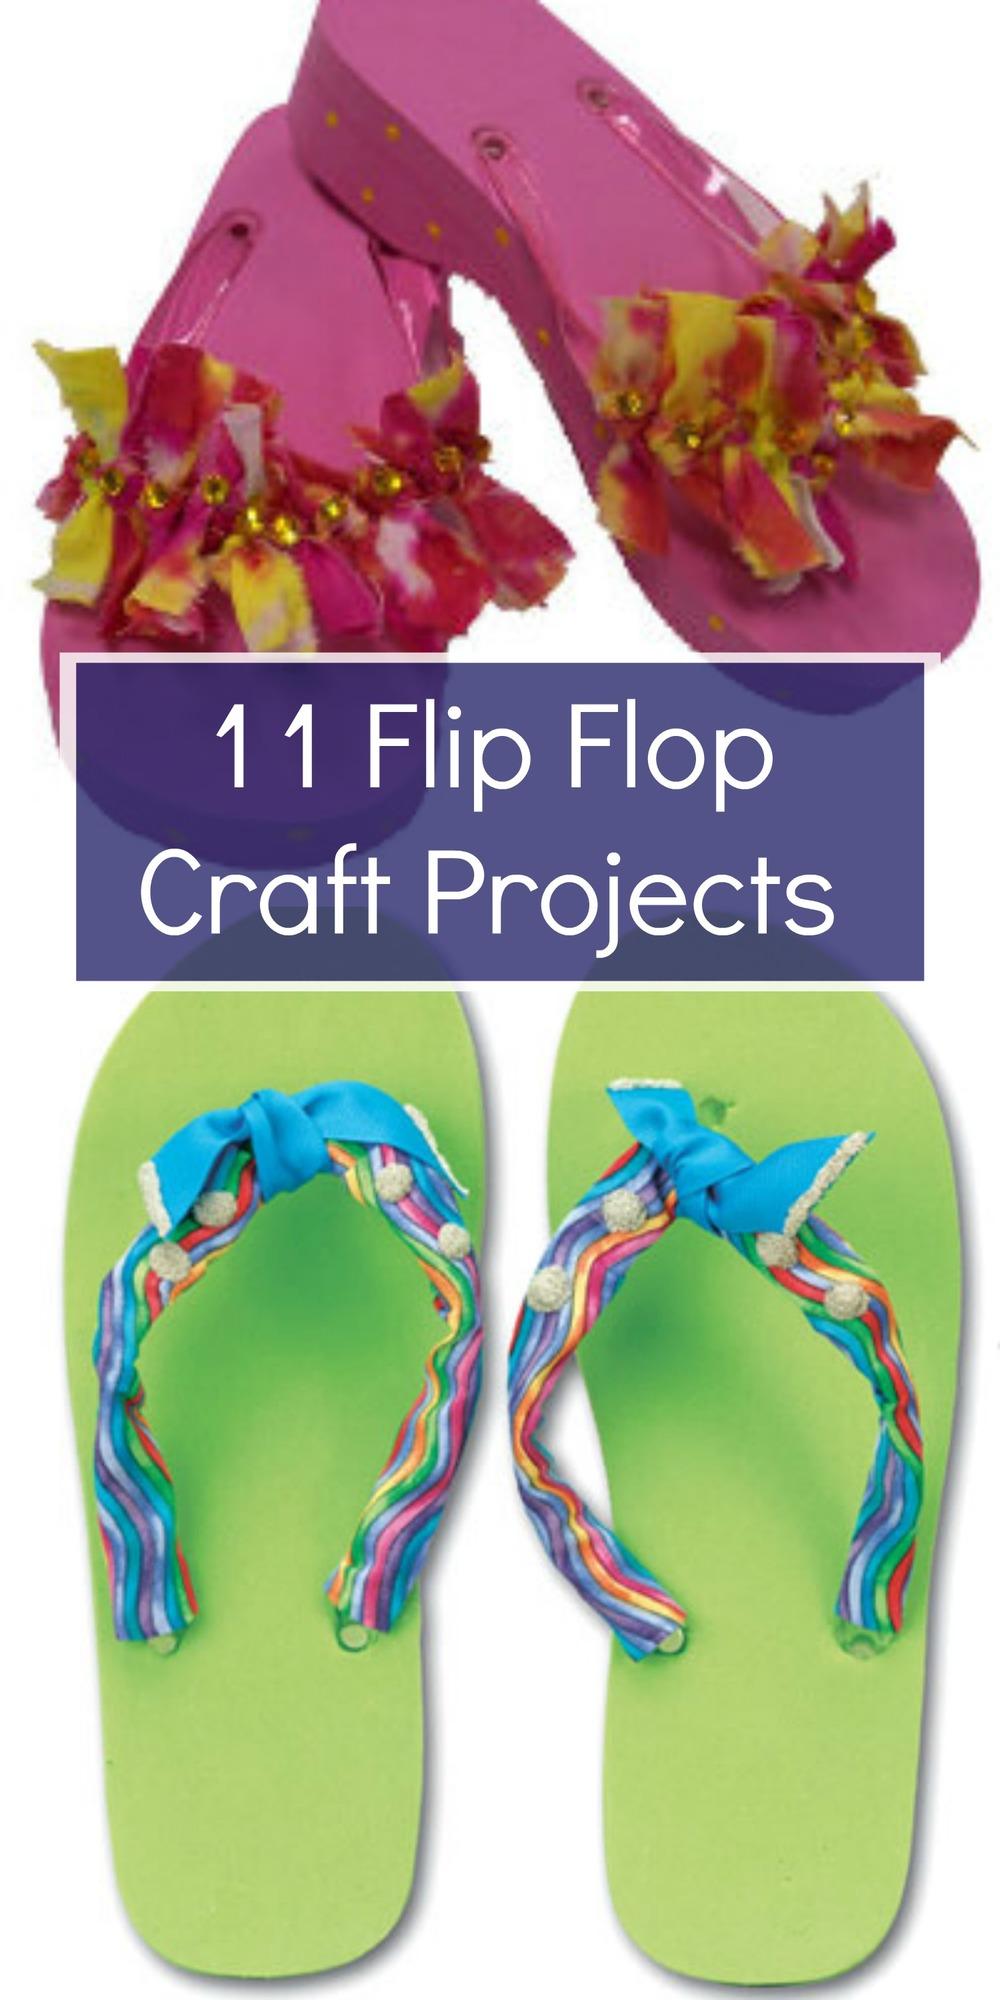 11 Flip Flop Craft Projects FaveCrafts